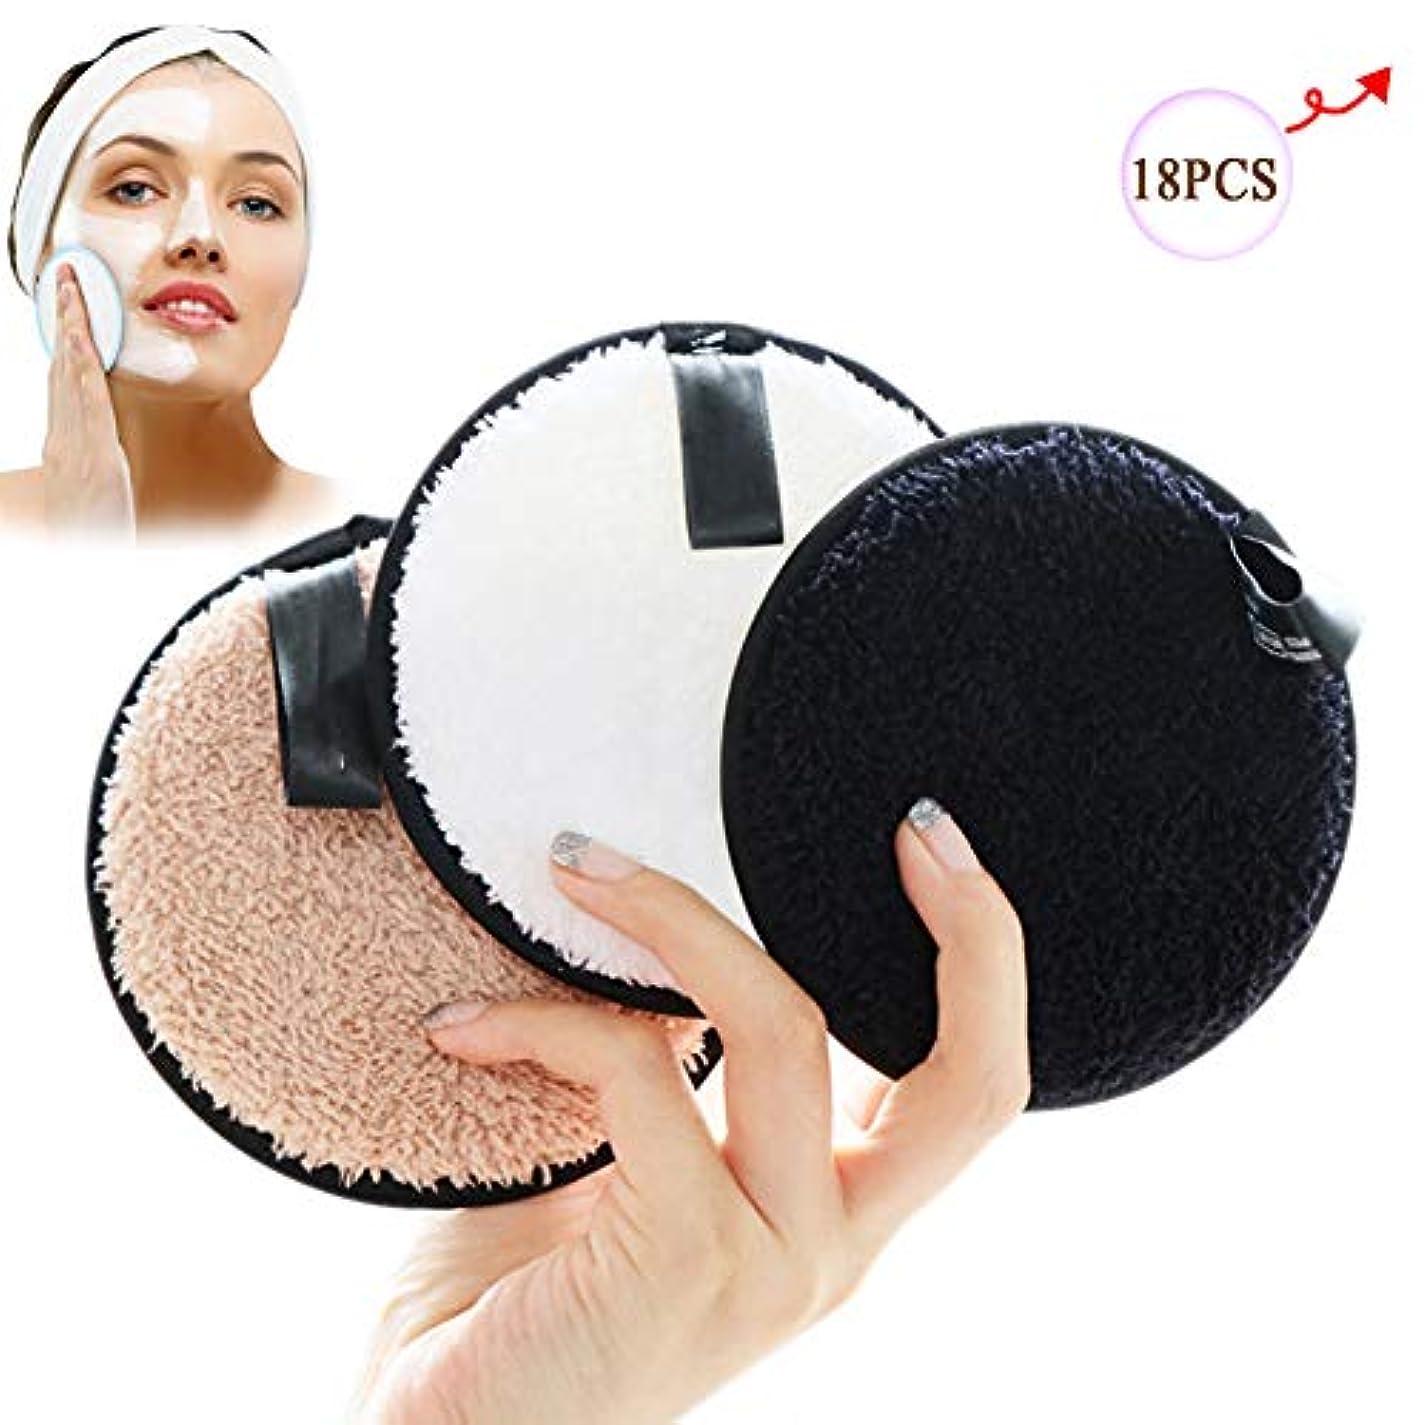 落胆させる船形無効除去剤のパッド、女性の表面/目/唇のための再使用可能な清潔になる綿繊維の構造の除去剤のワイプ,18PCS